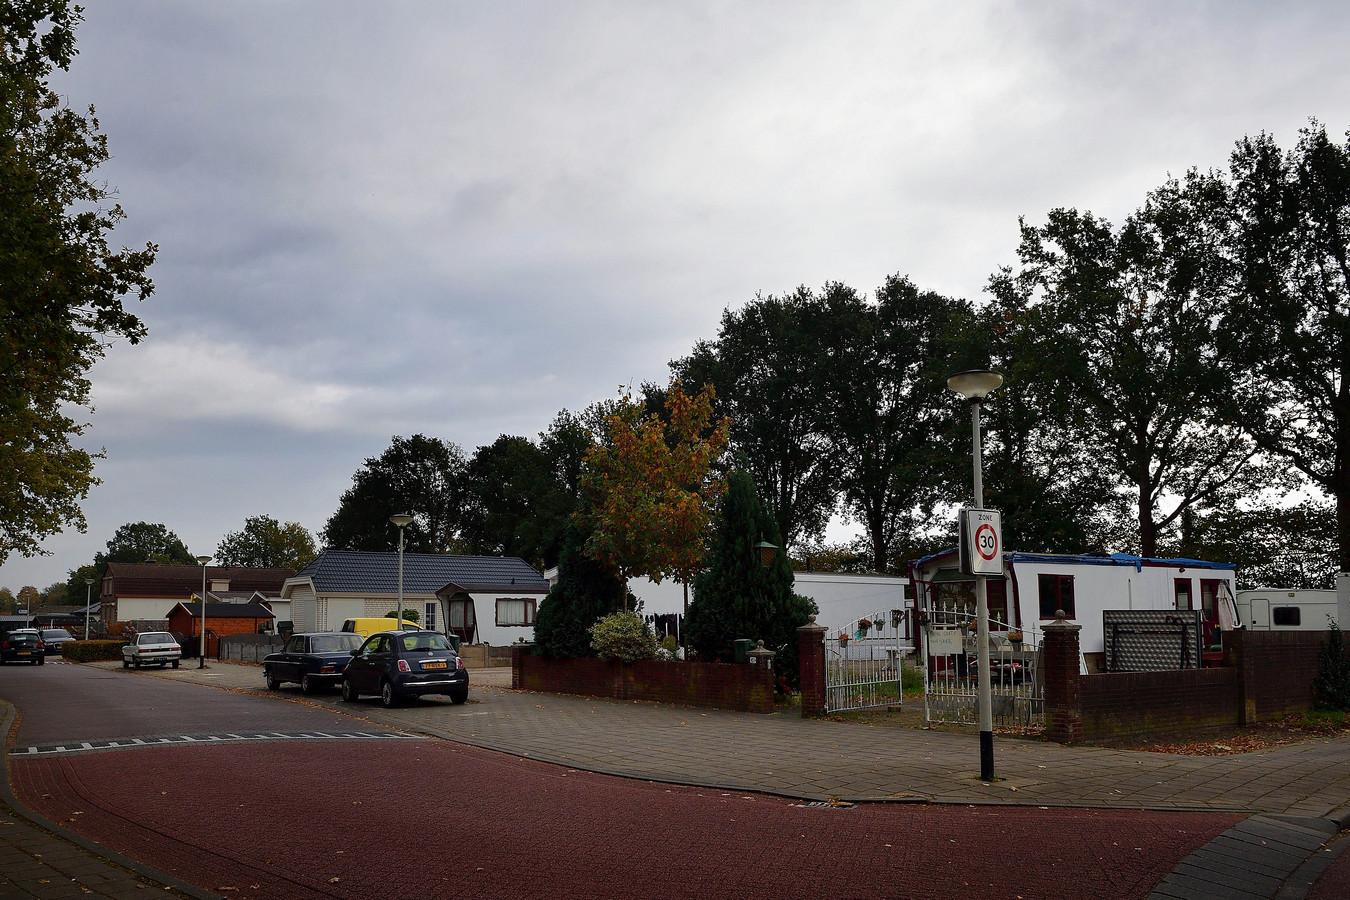 Het kamp aan de Sportstraat is één van de locaties waar extra woonwagens moeten komen te staan: twee stuks.